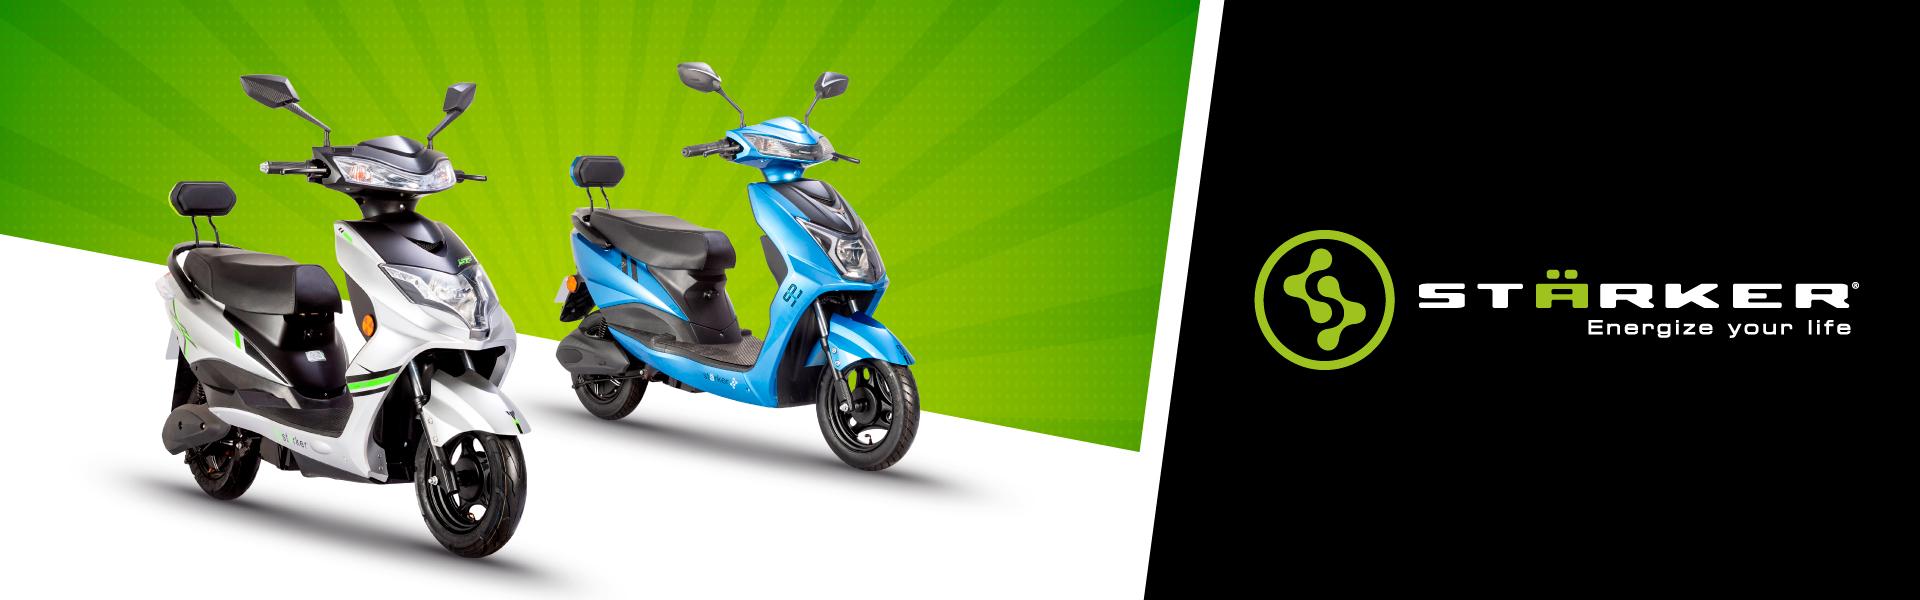 Banner Motos y bicicletas Starker